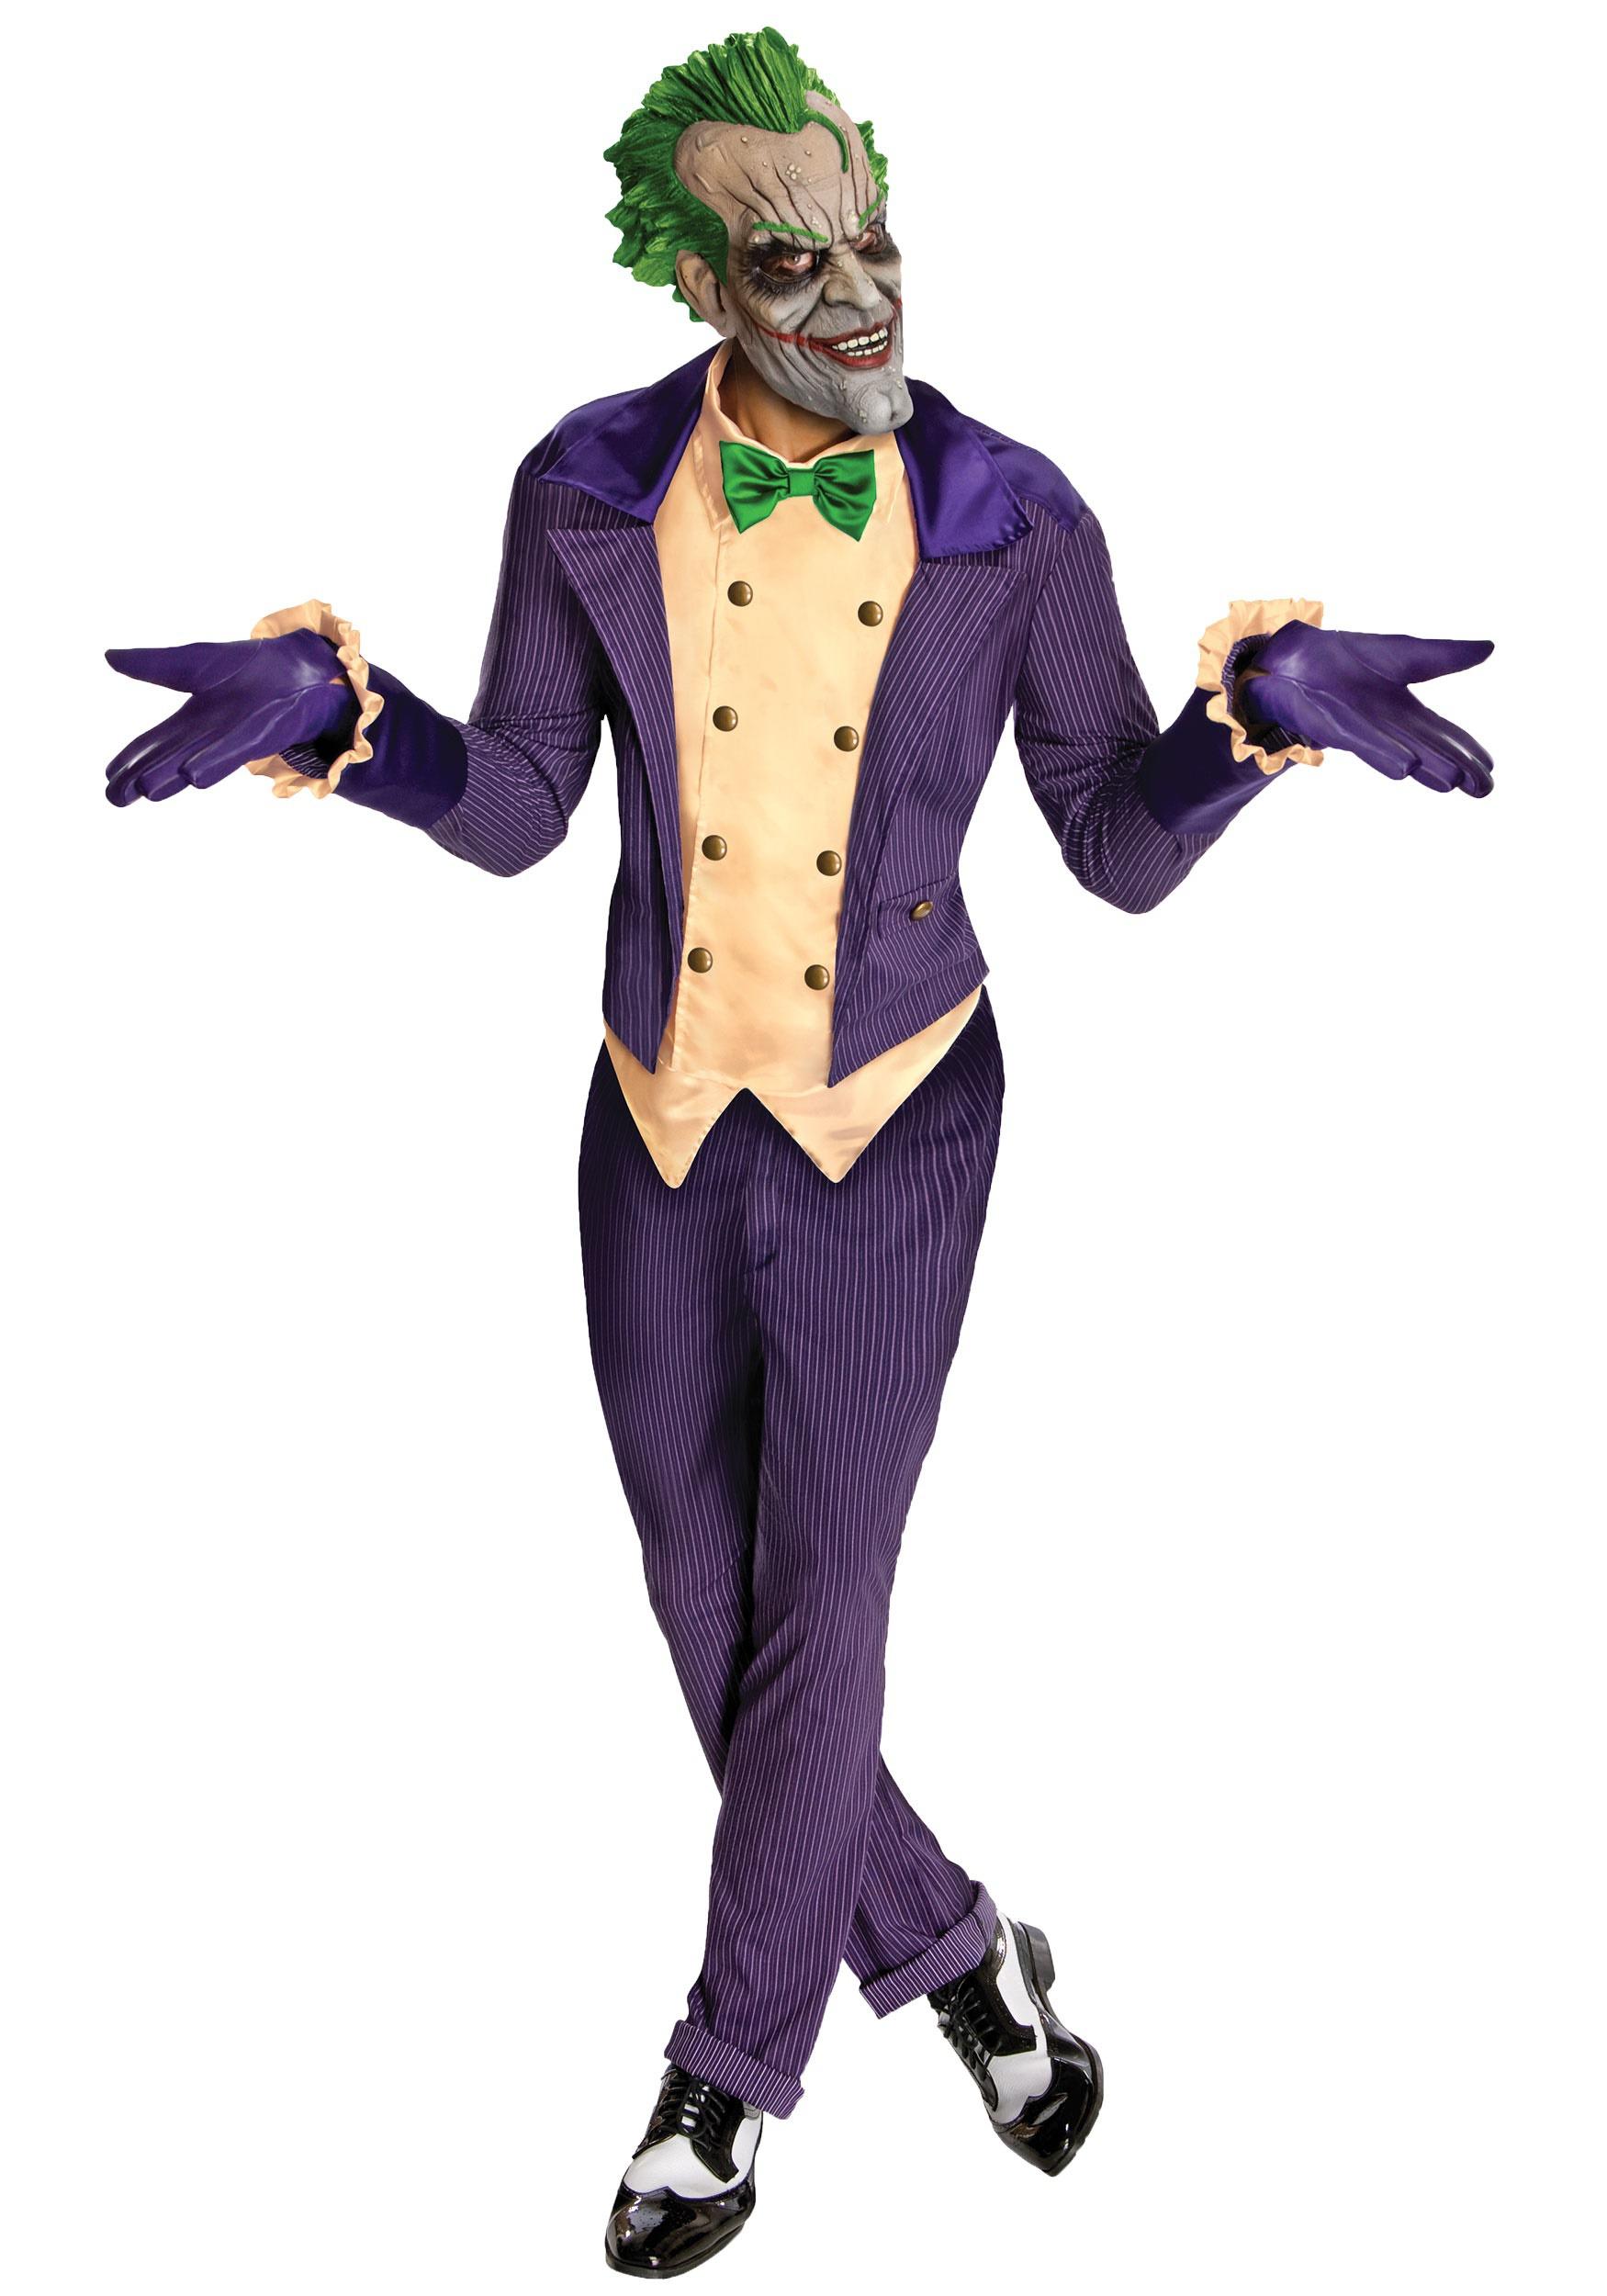 Arkham City The Joker Costume  sc 1 st  Halloween Costumes & Joker Costumes - HalloweenCostumes.com